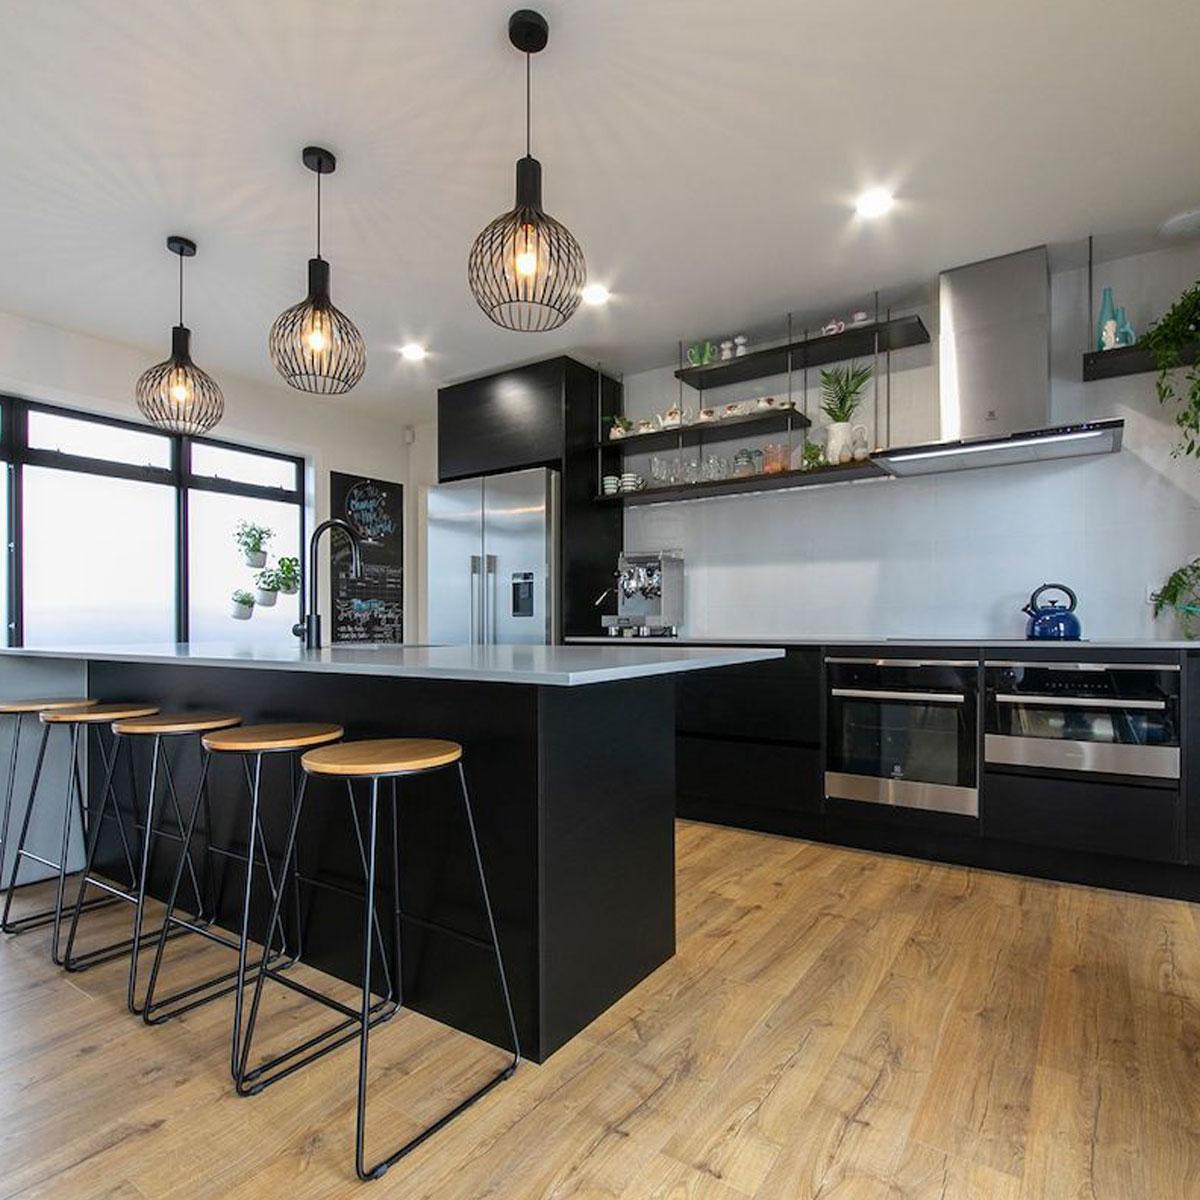 doment-kitchen-1200x1200